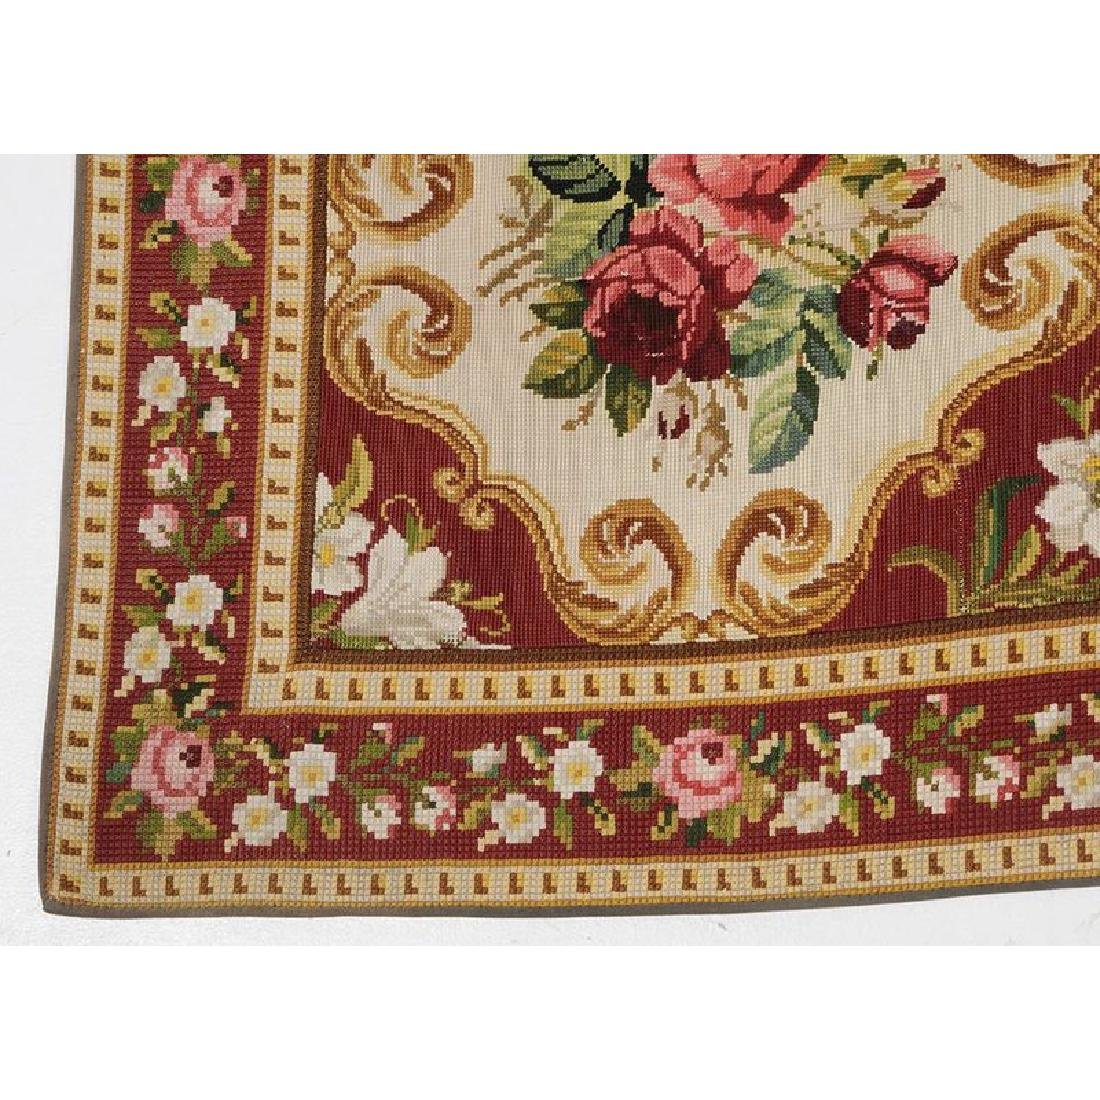 English Needlework Carpet - 5